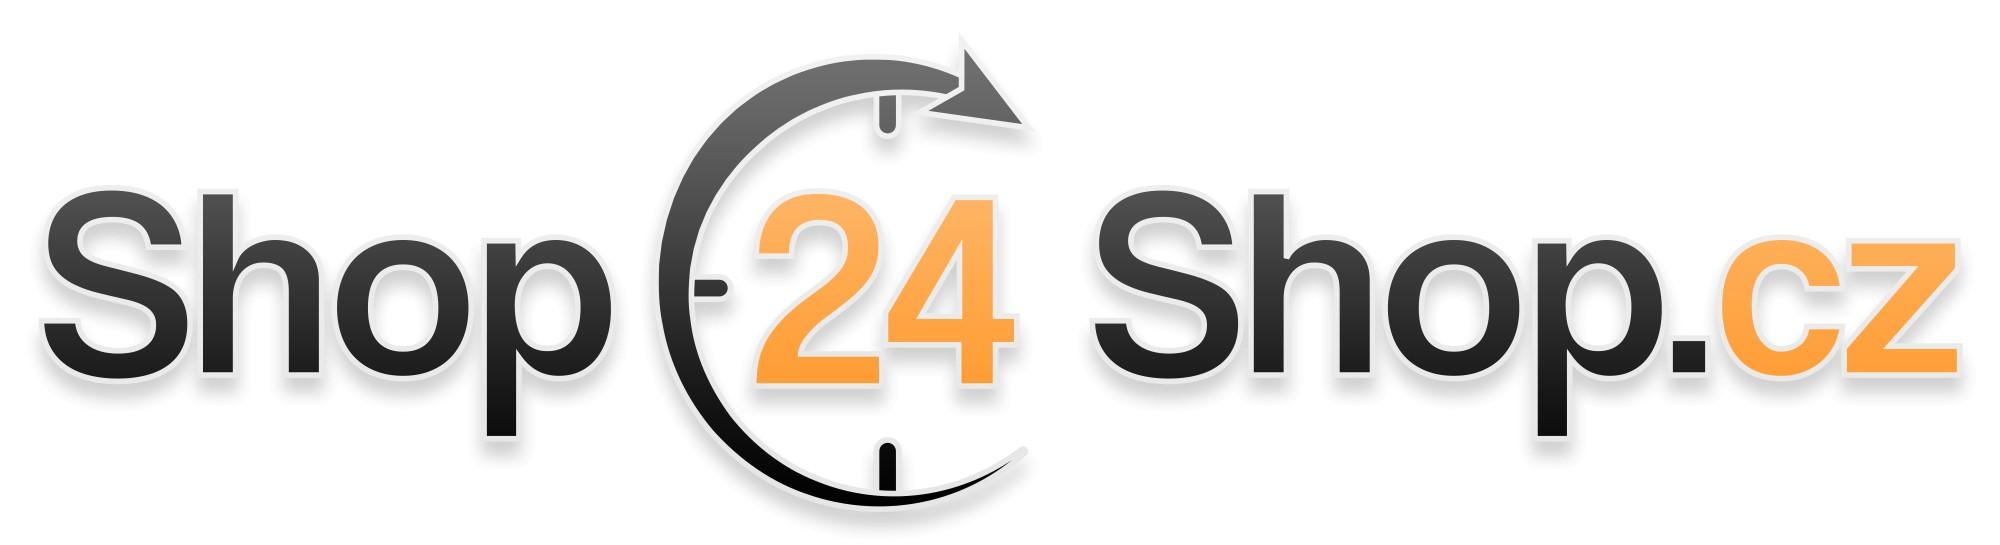 shop24shop.cz